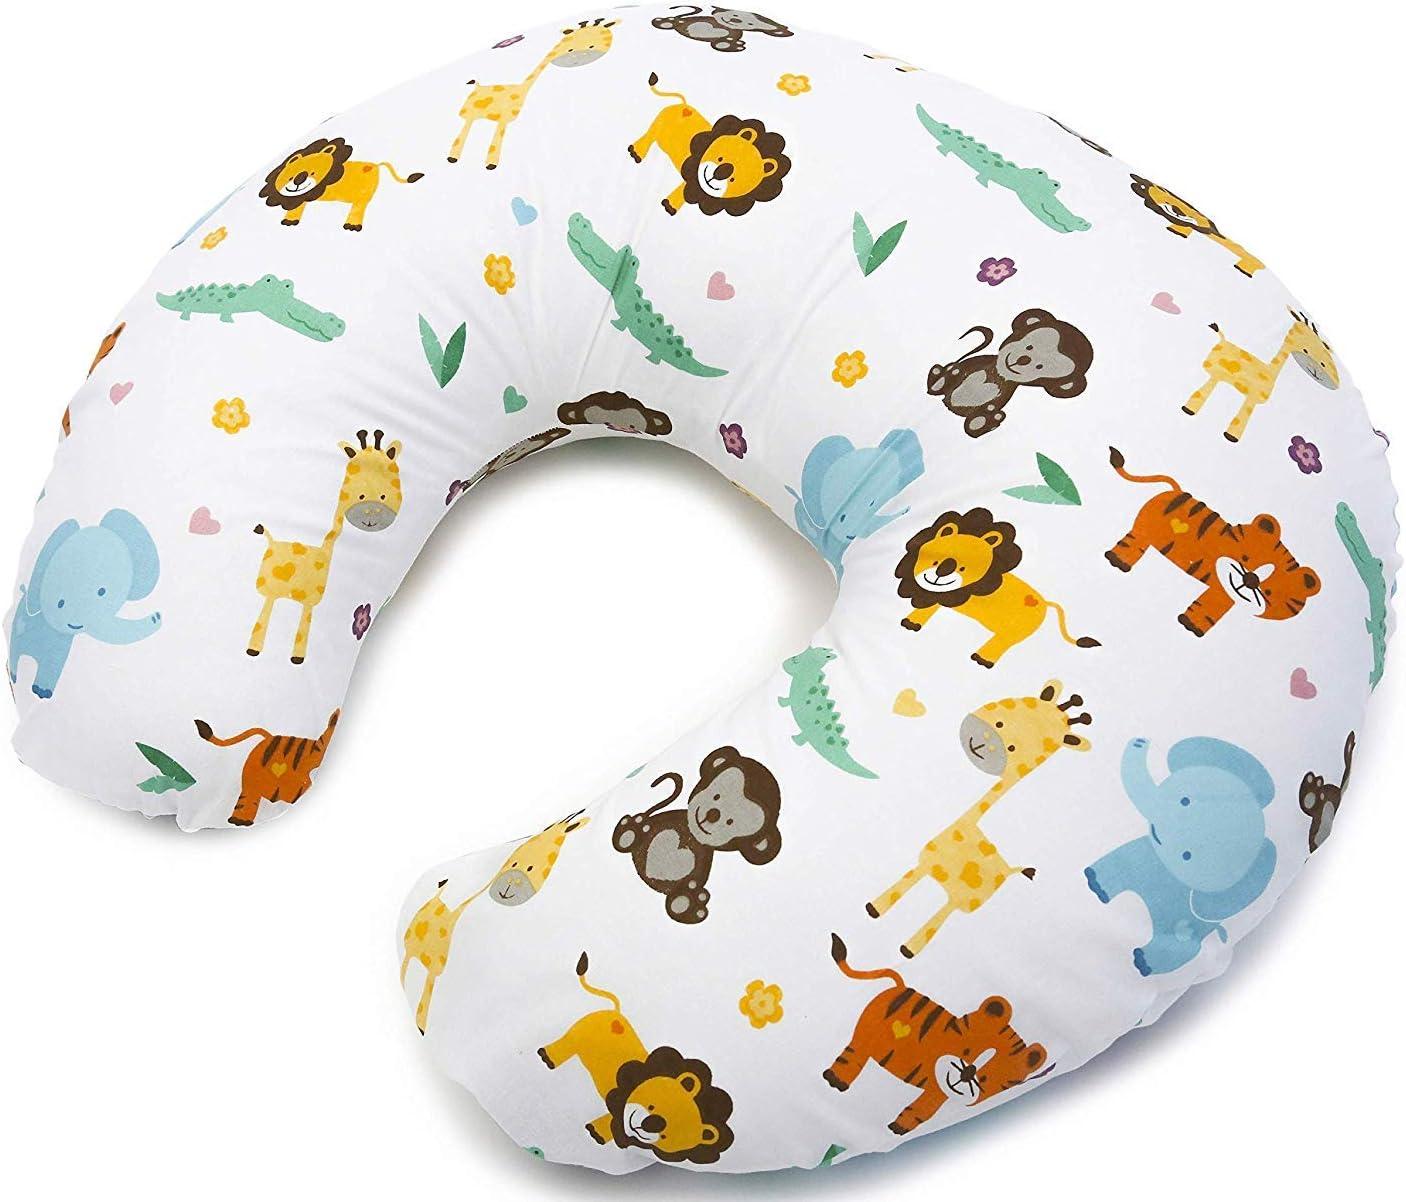 Niimo Cuscino allattamento Neonato + Federa 100% Cotone Sfoderabile e Lavabile con...